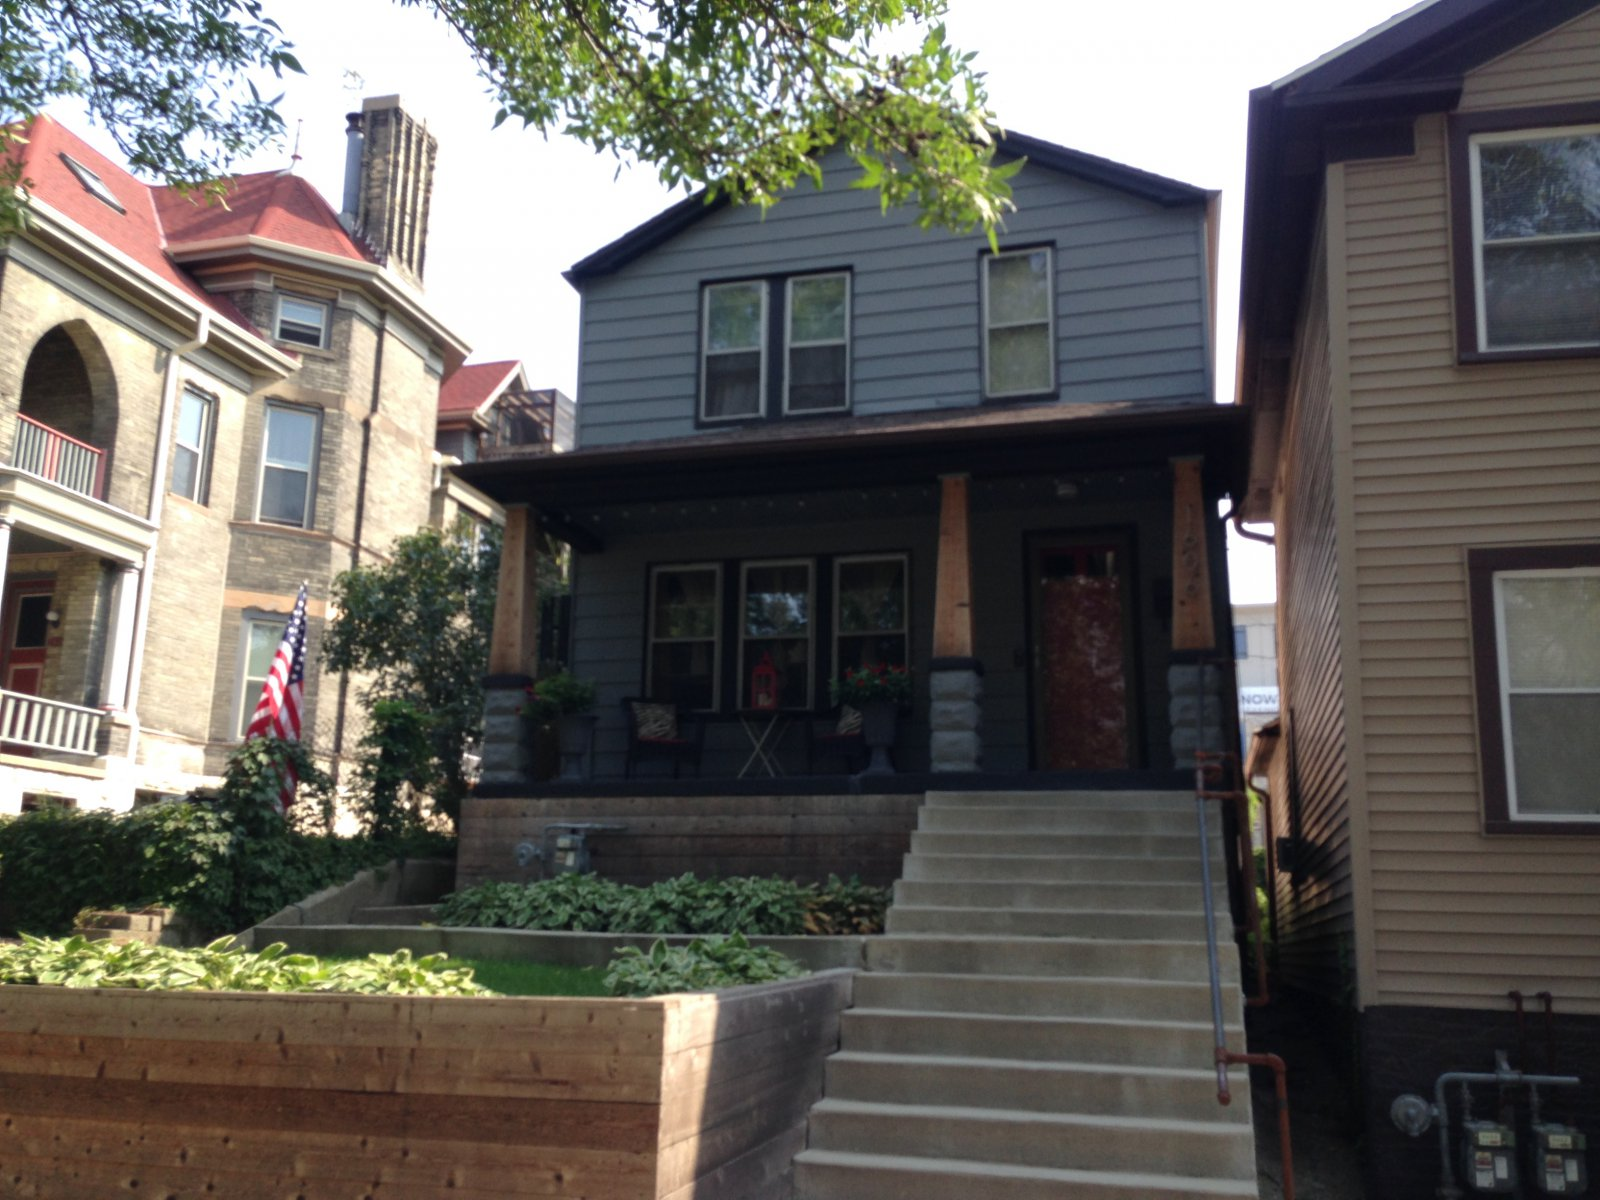 1606 N. Jackson St.